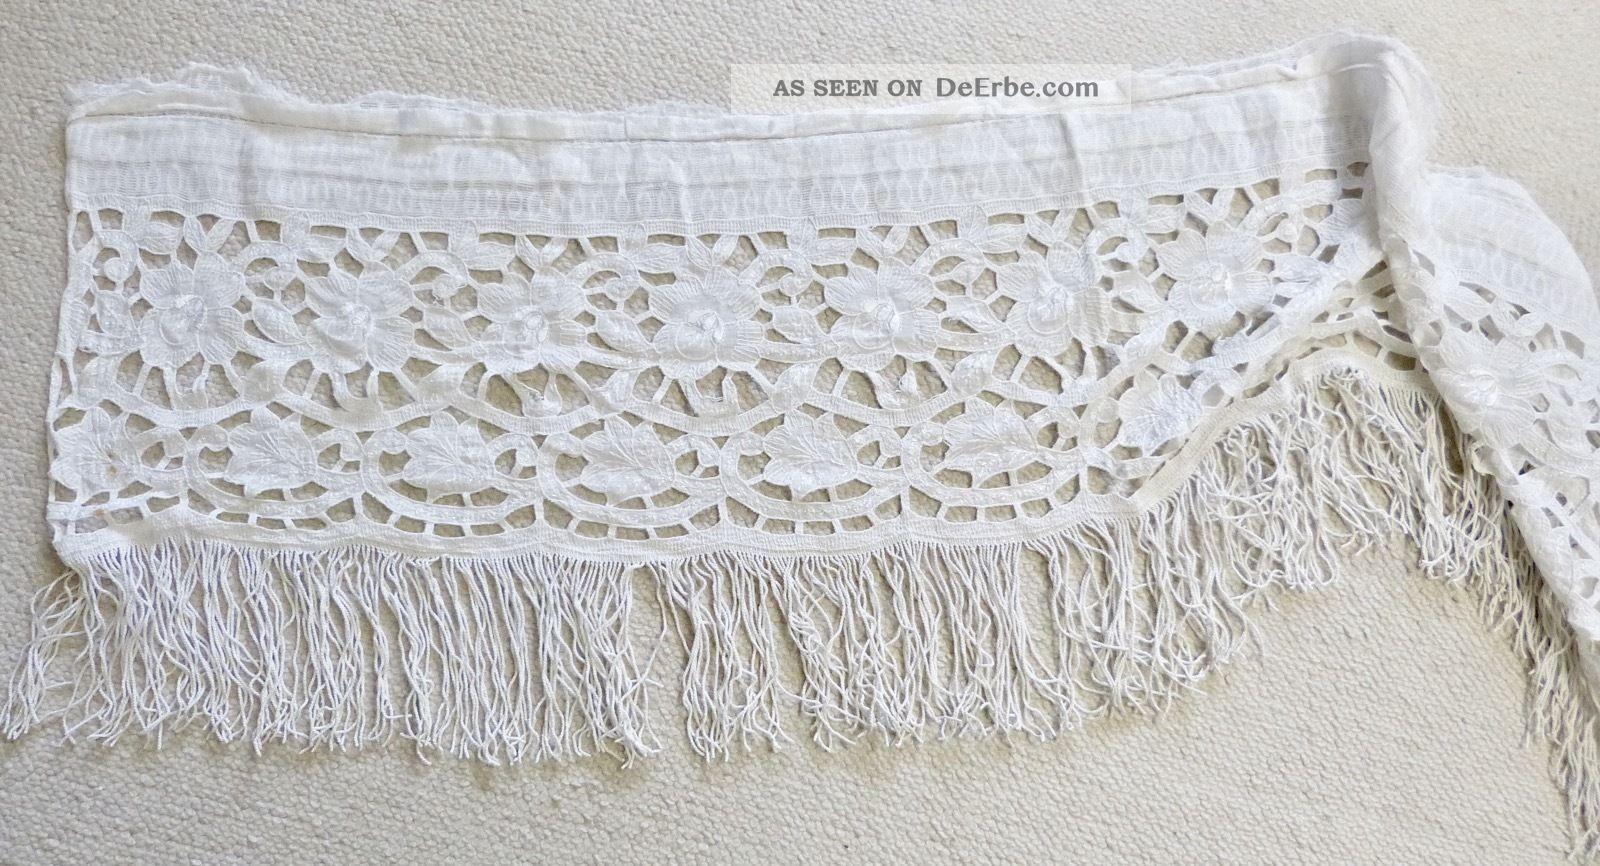 Schöne Antike Vintage Spitzenborte Spitze Von Vorhang Textilien & Weißwäsche Bild